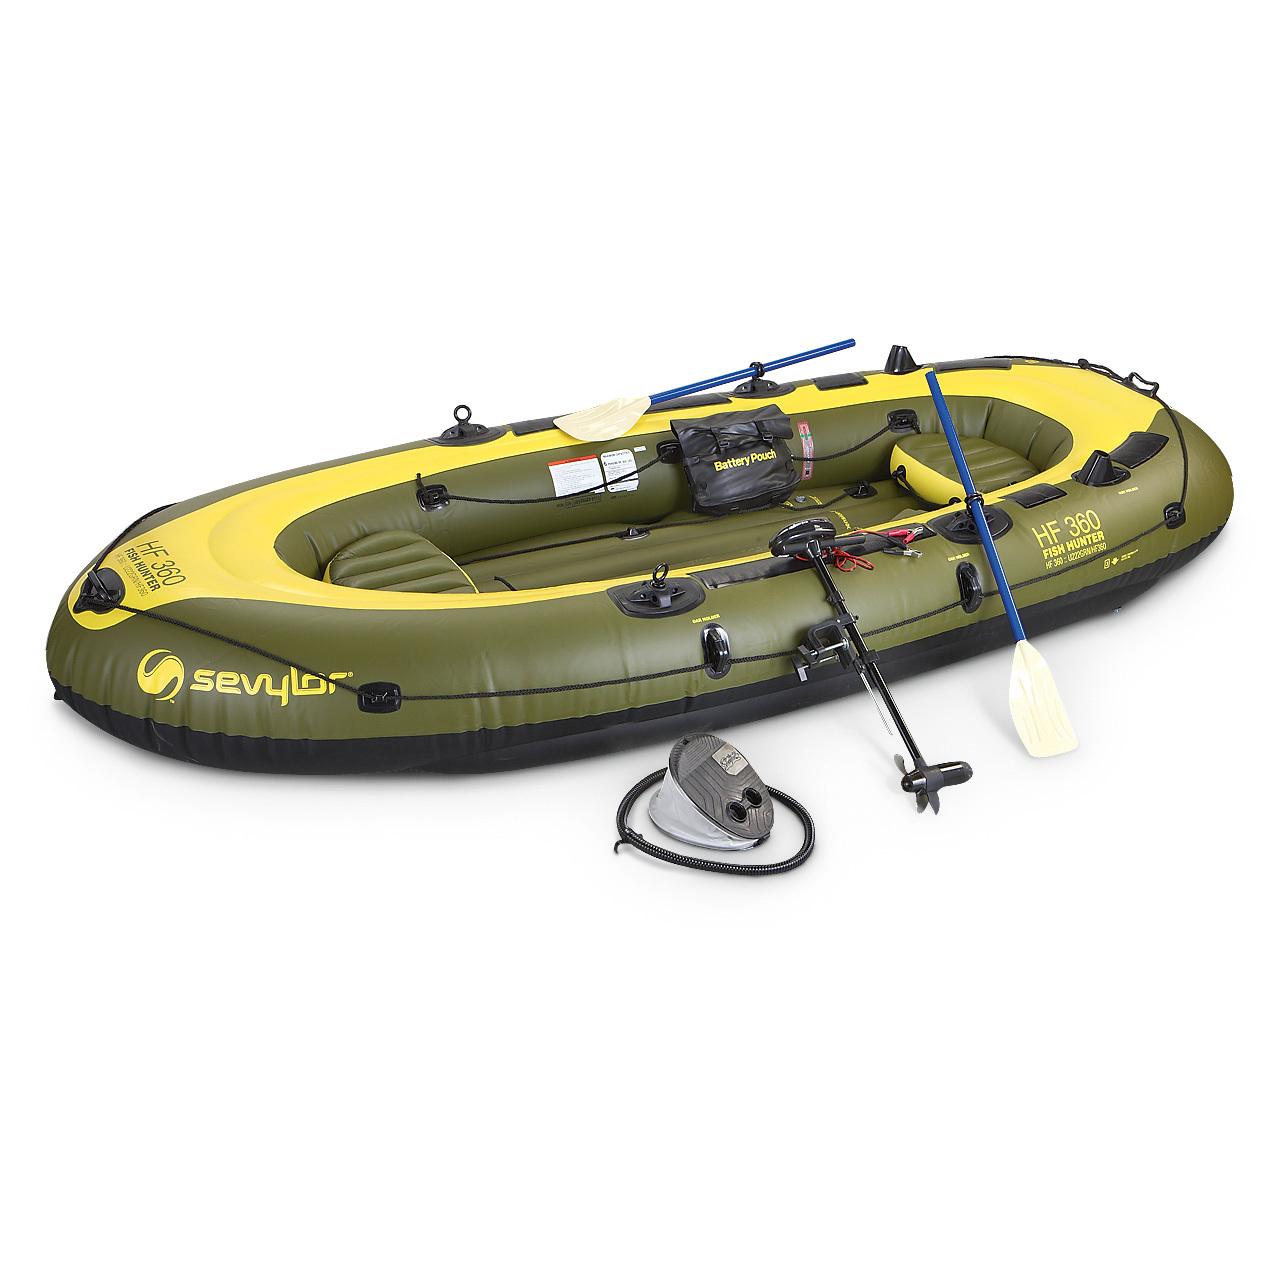 уключина для лодки sevylor